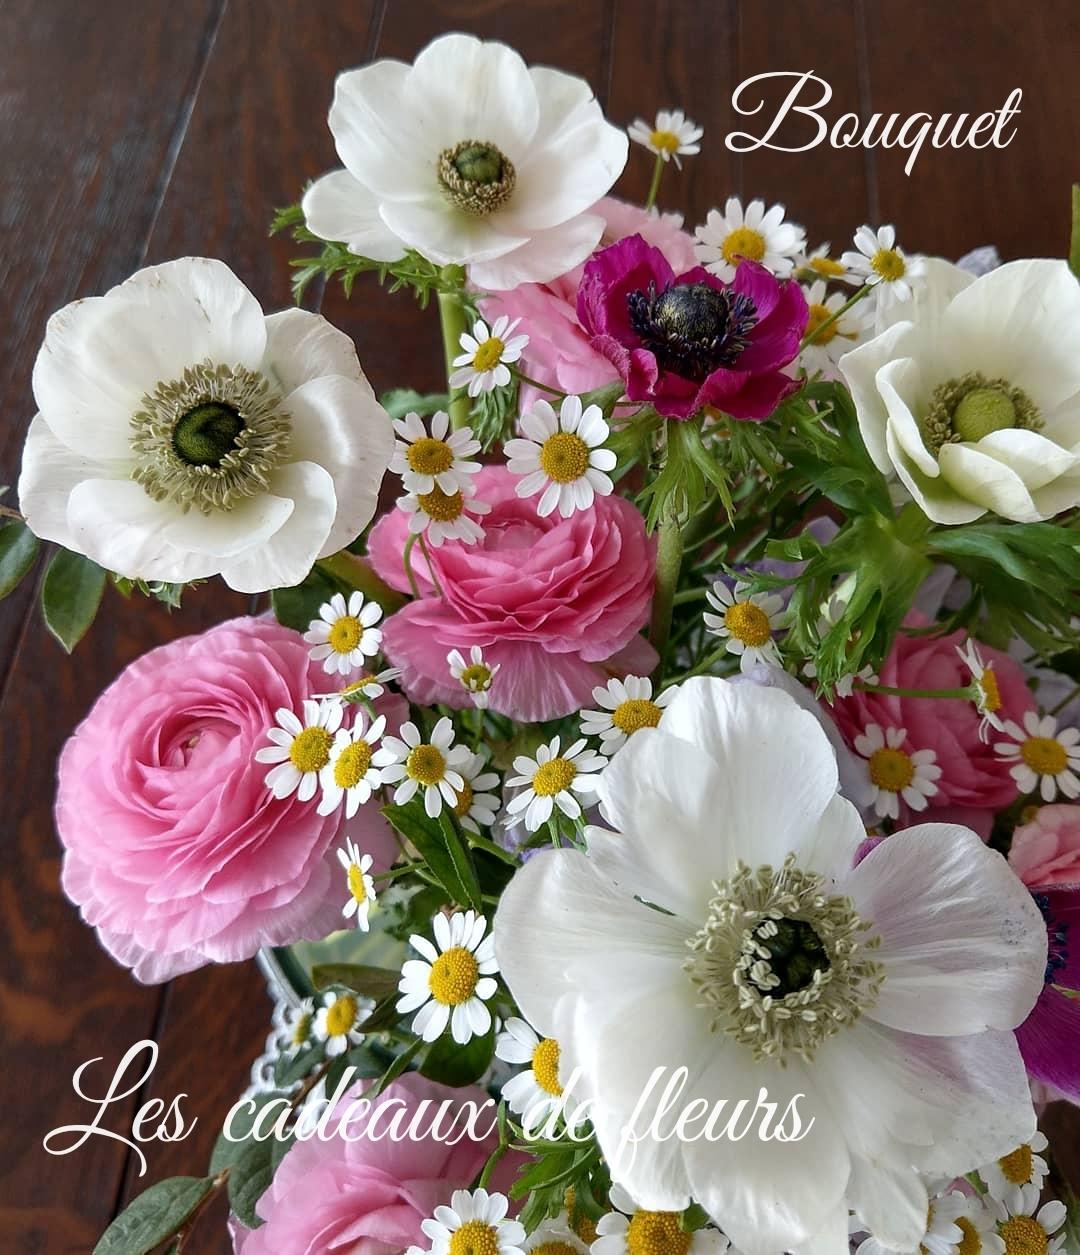 競うように咲いているラナンキュラスとアネモネ